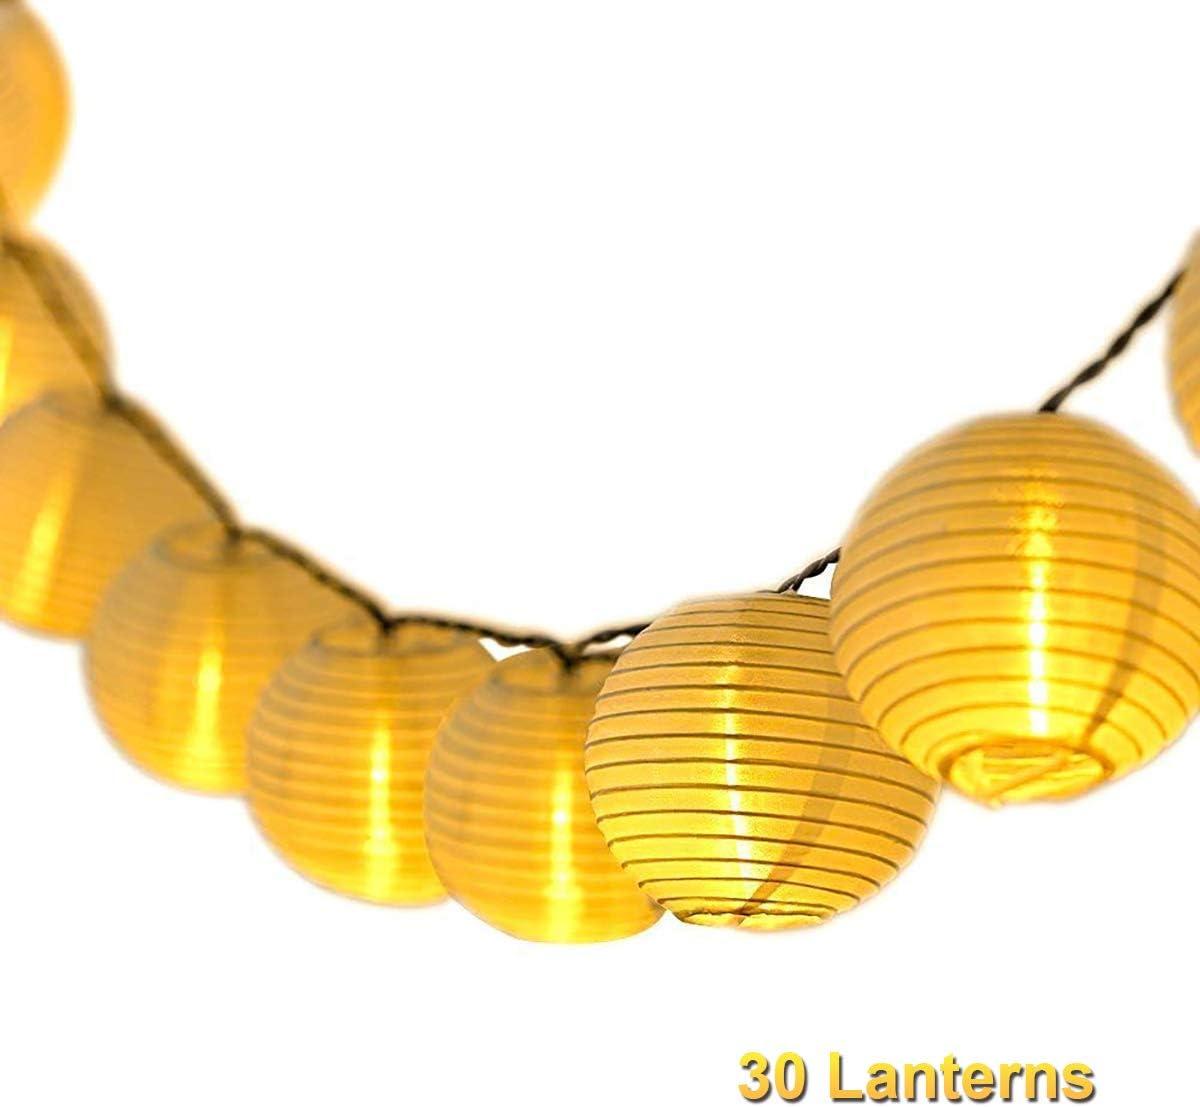 Qomolo Guirnaldas de Luces,30 LED Iluminación De Arbol de Navidad Interior y Exterior Decoración Farolillos,Impermeable Luminosa De Linternas Para Bodas,Jardín,Fiesta (Alimentado por Batería)